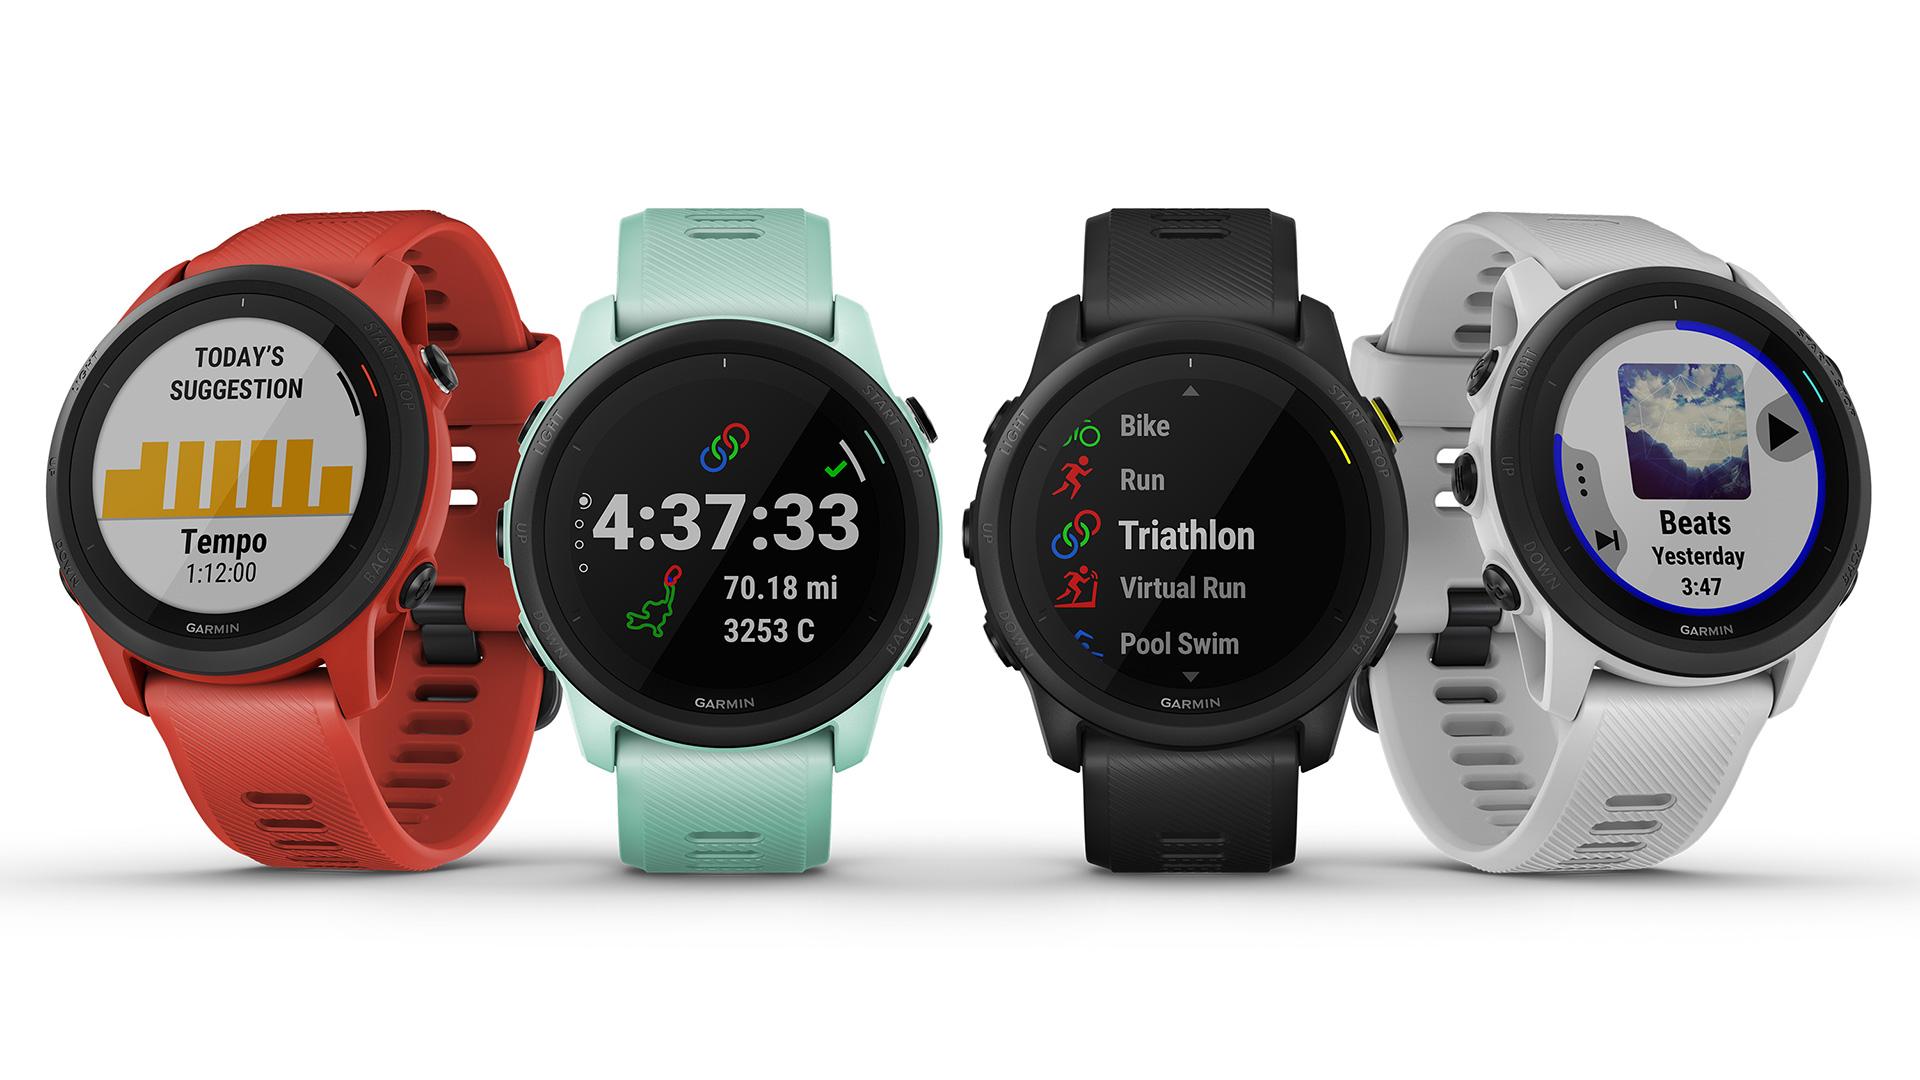 garmin forerunner 745 fitness watch